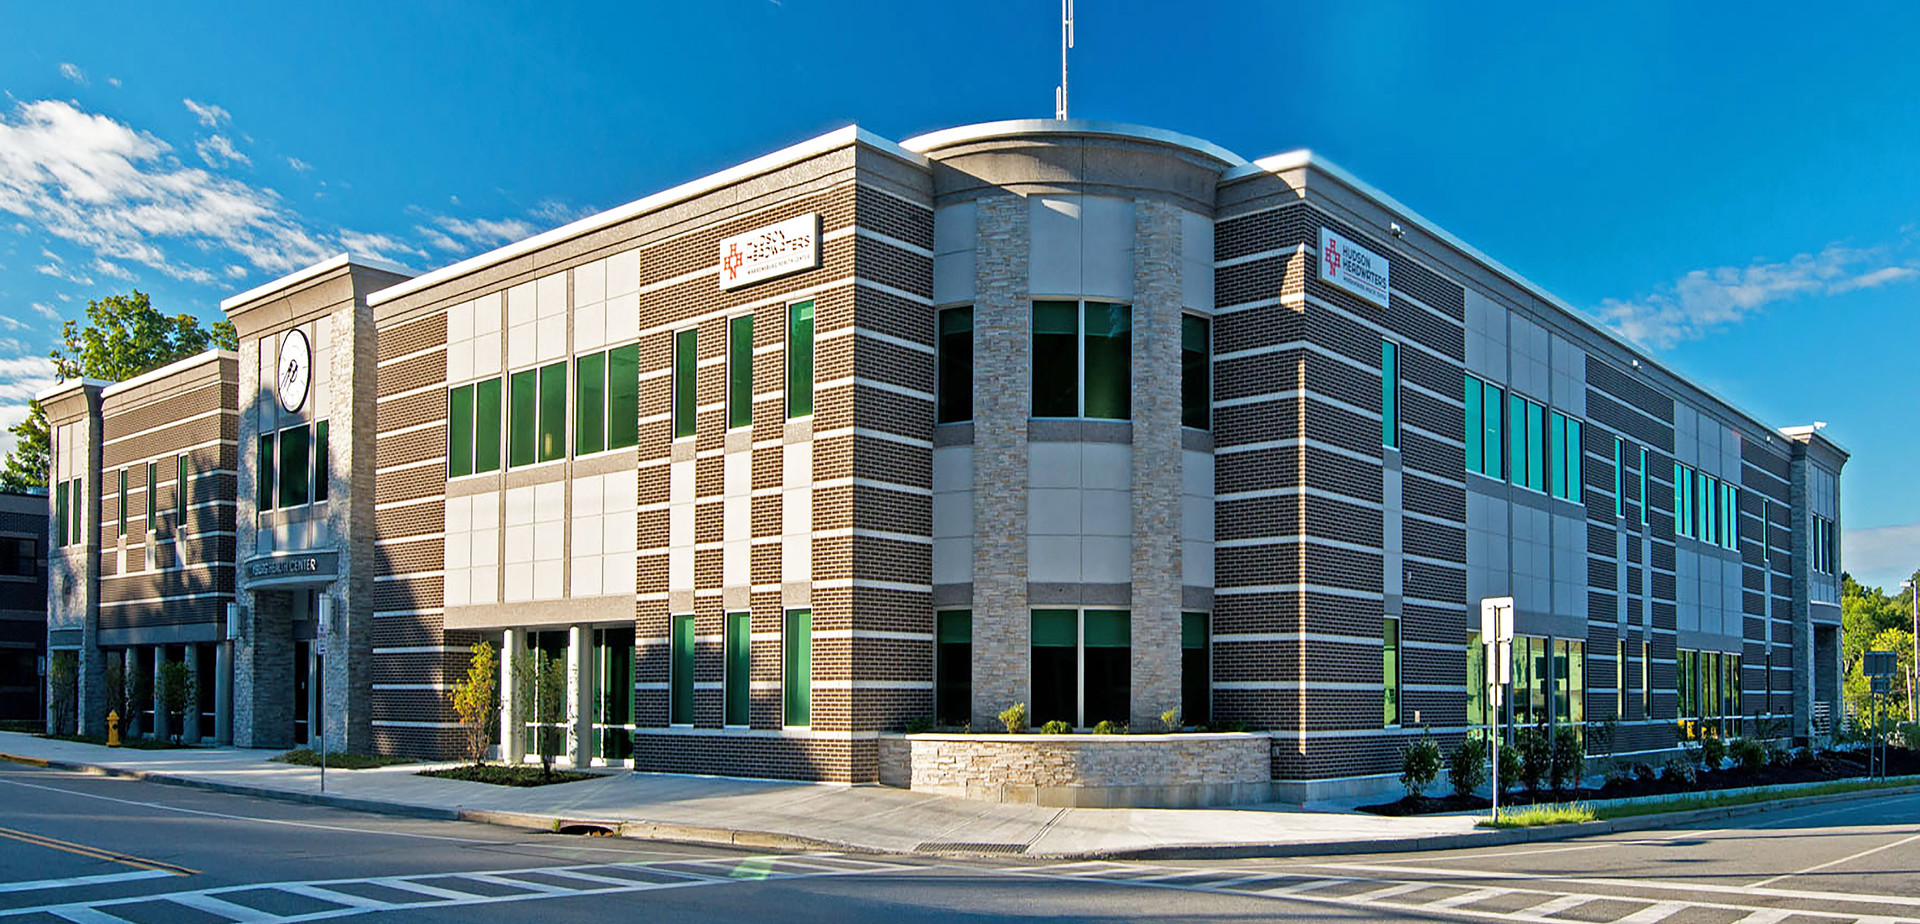 Warrensburg Health Center